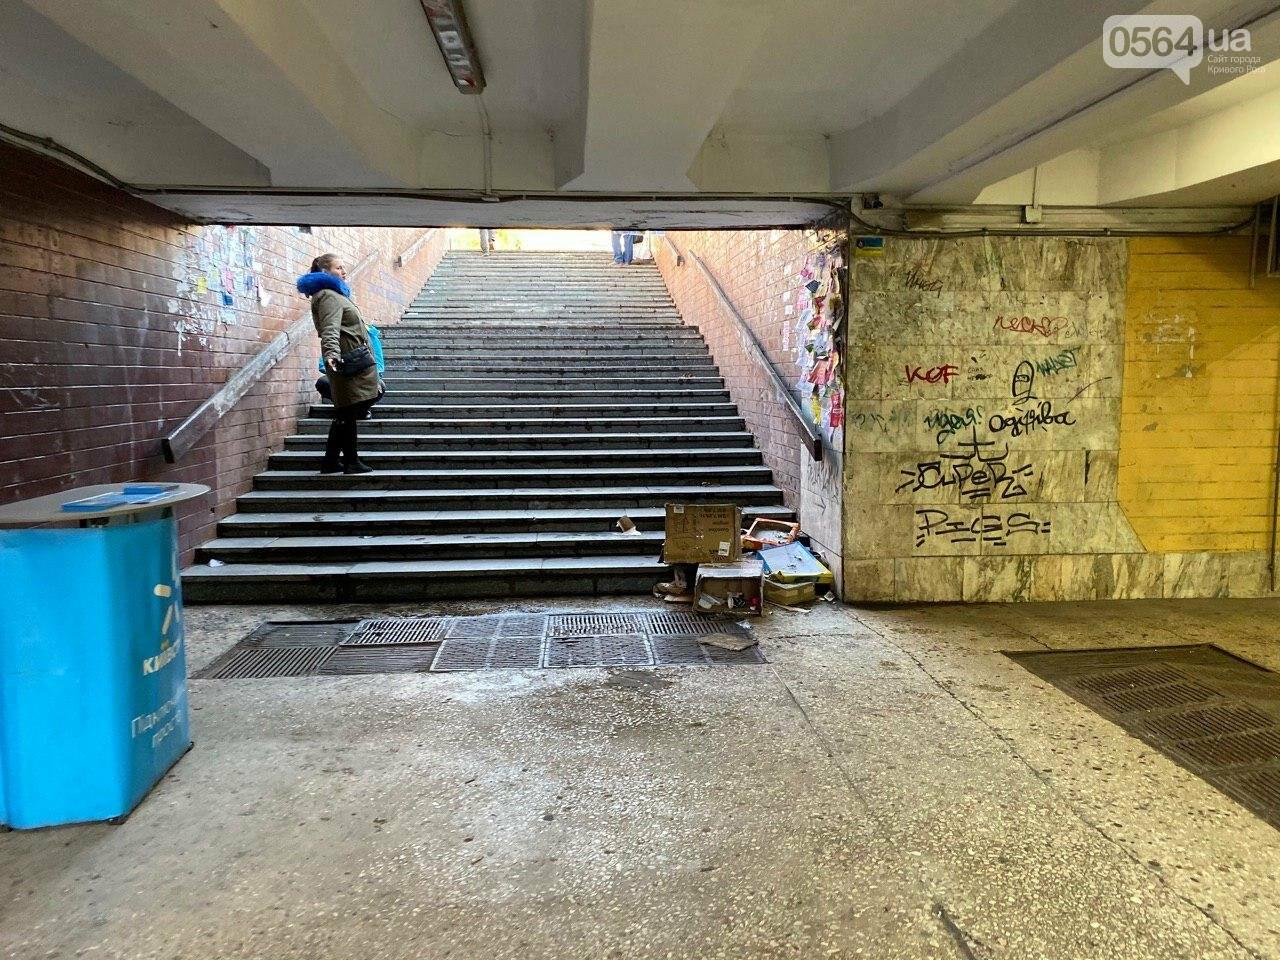 Как выглядит после ремонта переход в центре Кривого Рога, - ФОТО , фото-6